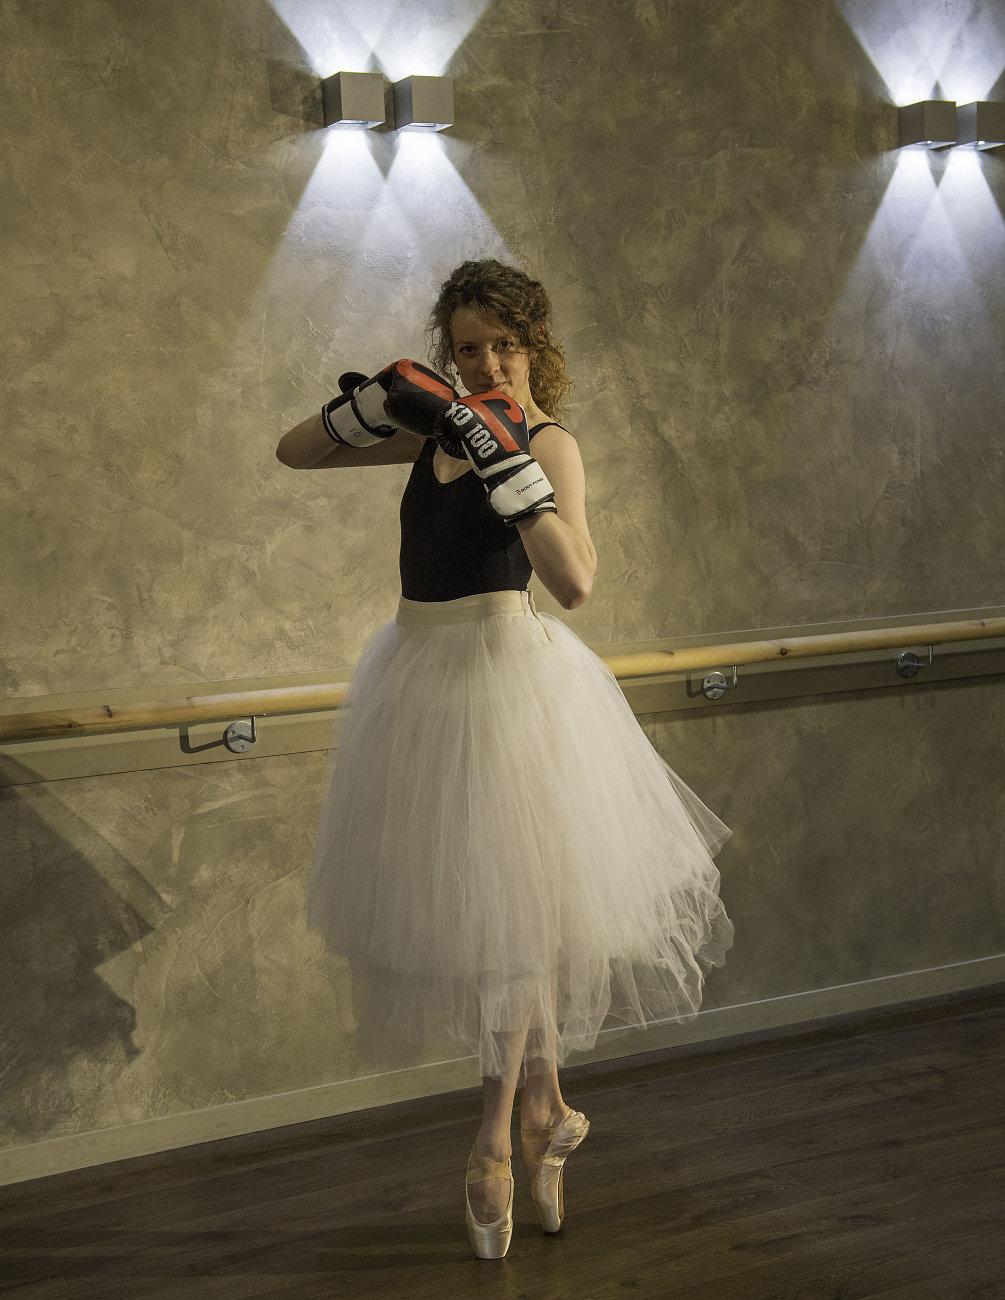 Bolshy ballet